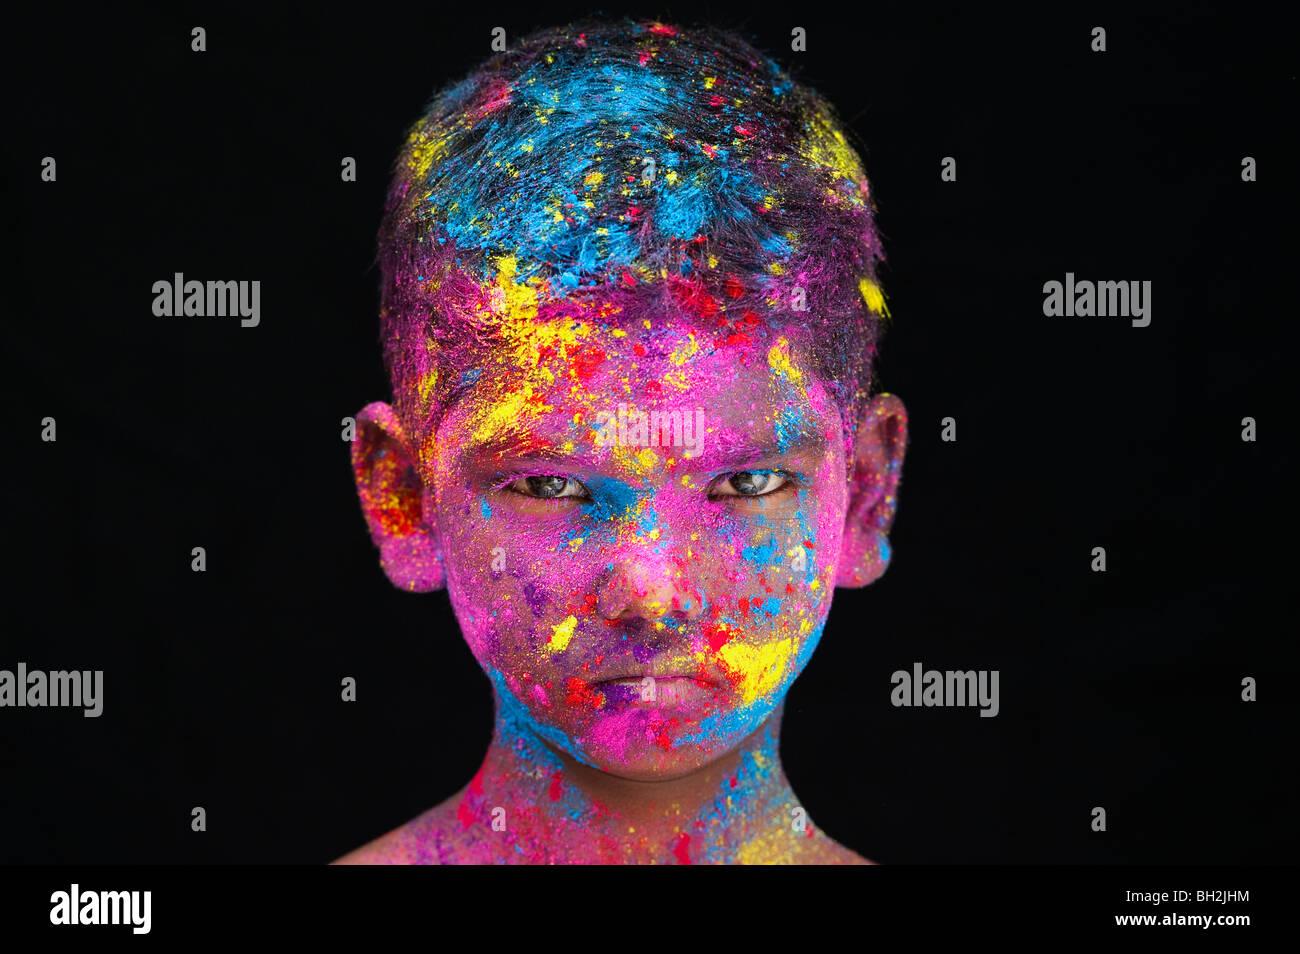 Jeune garçon indien graves couvertes en pigment poudre de couleur sur un fond noir. L'Inde Banque D'Images